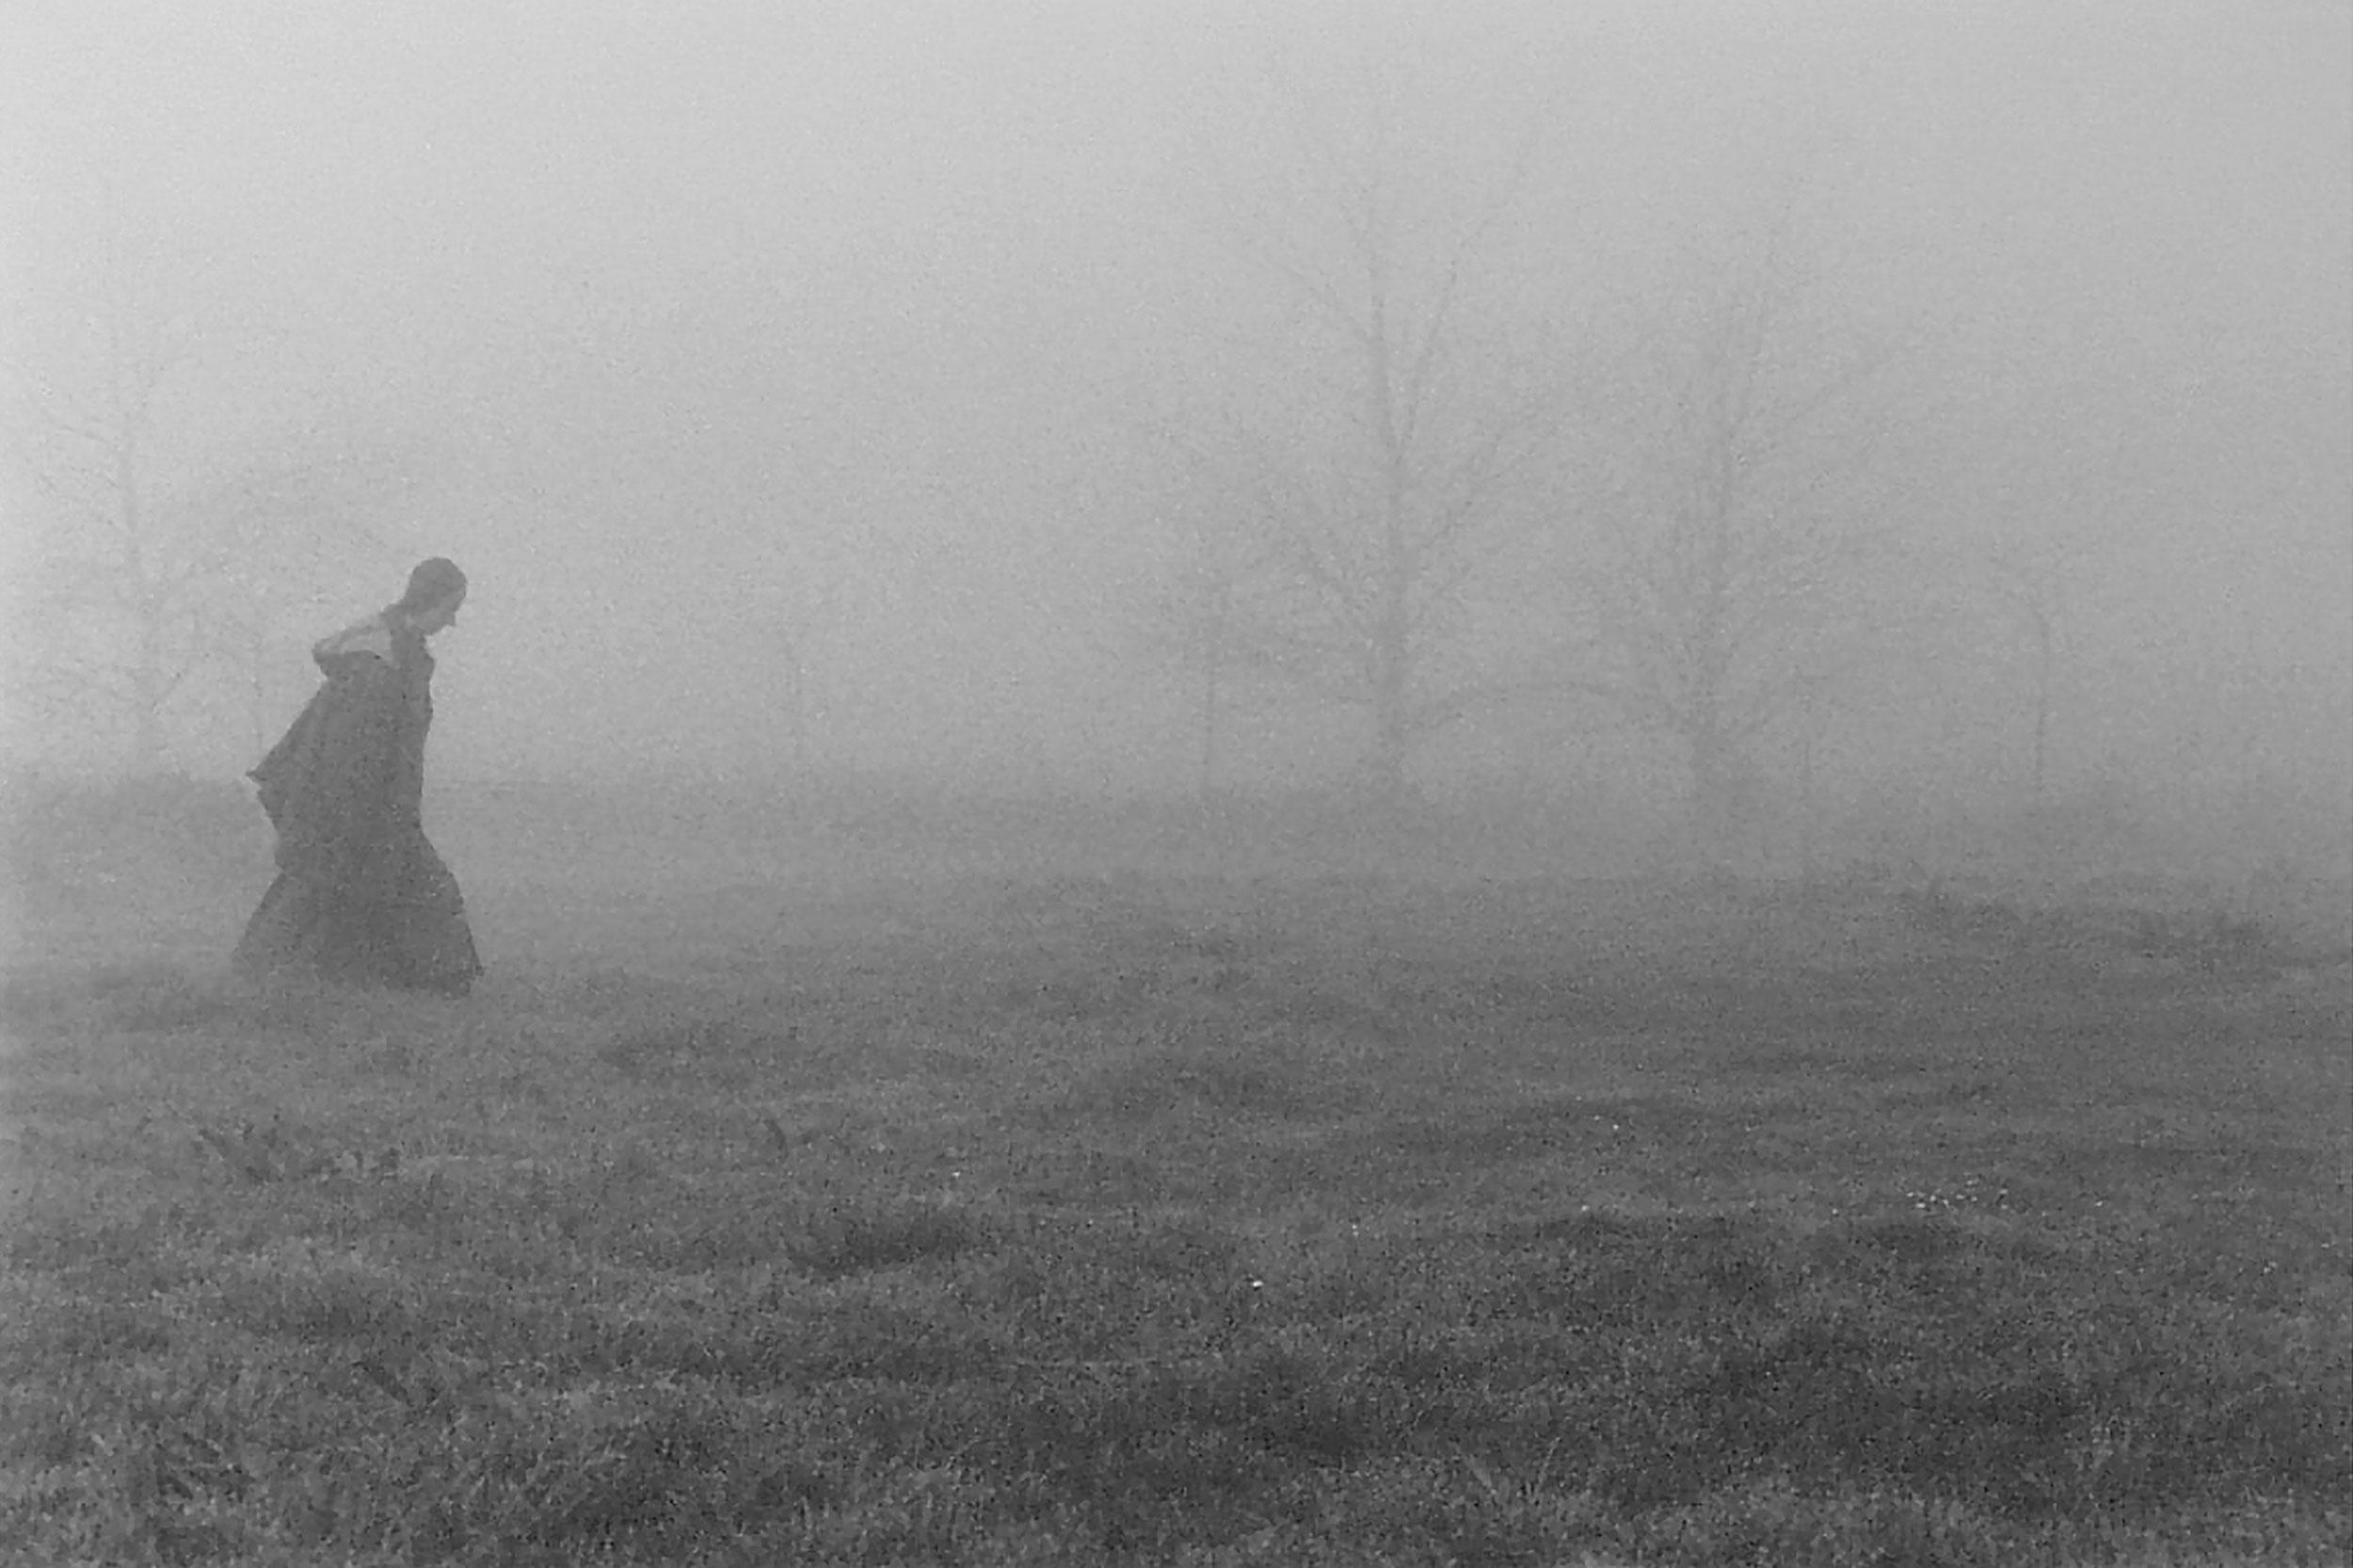 Monk Strolling in Fog